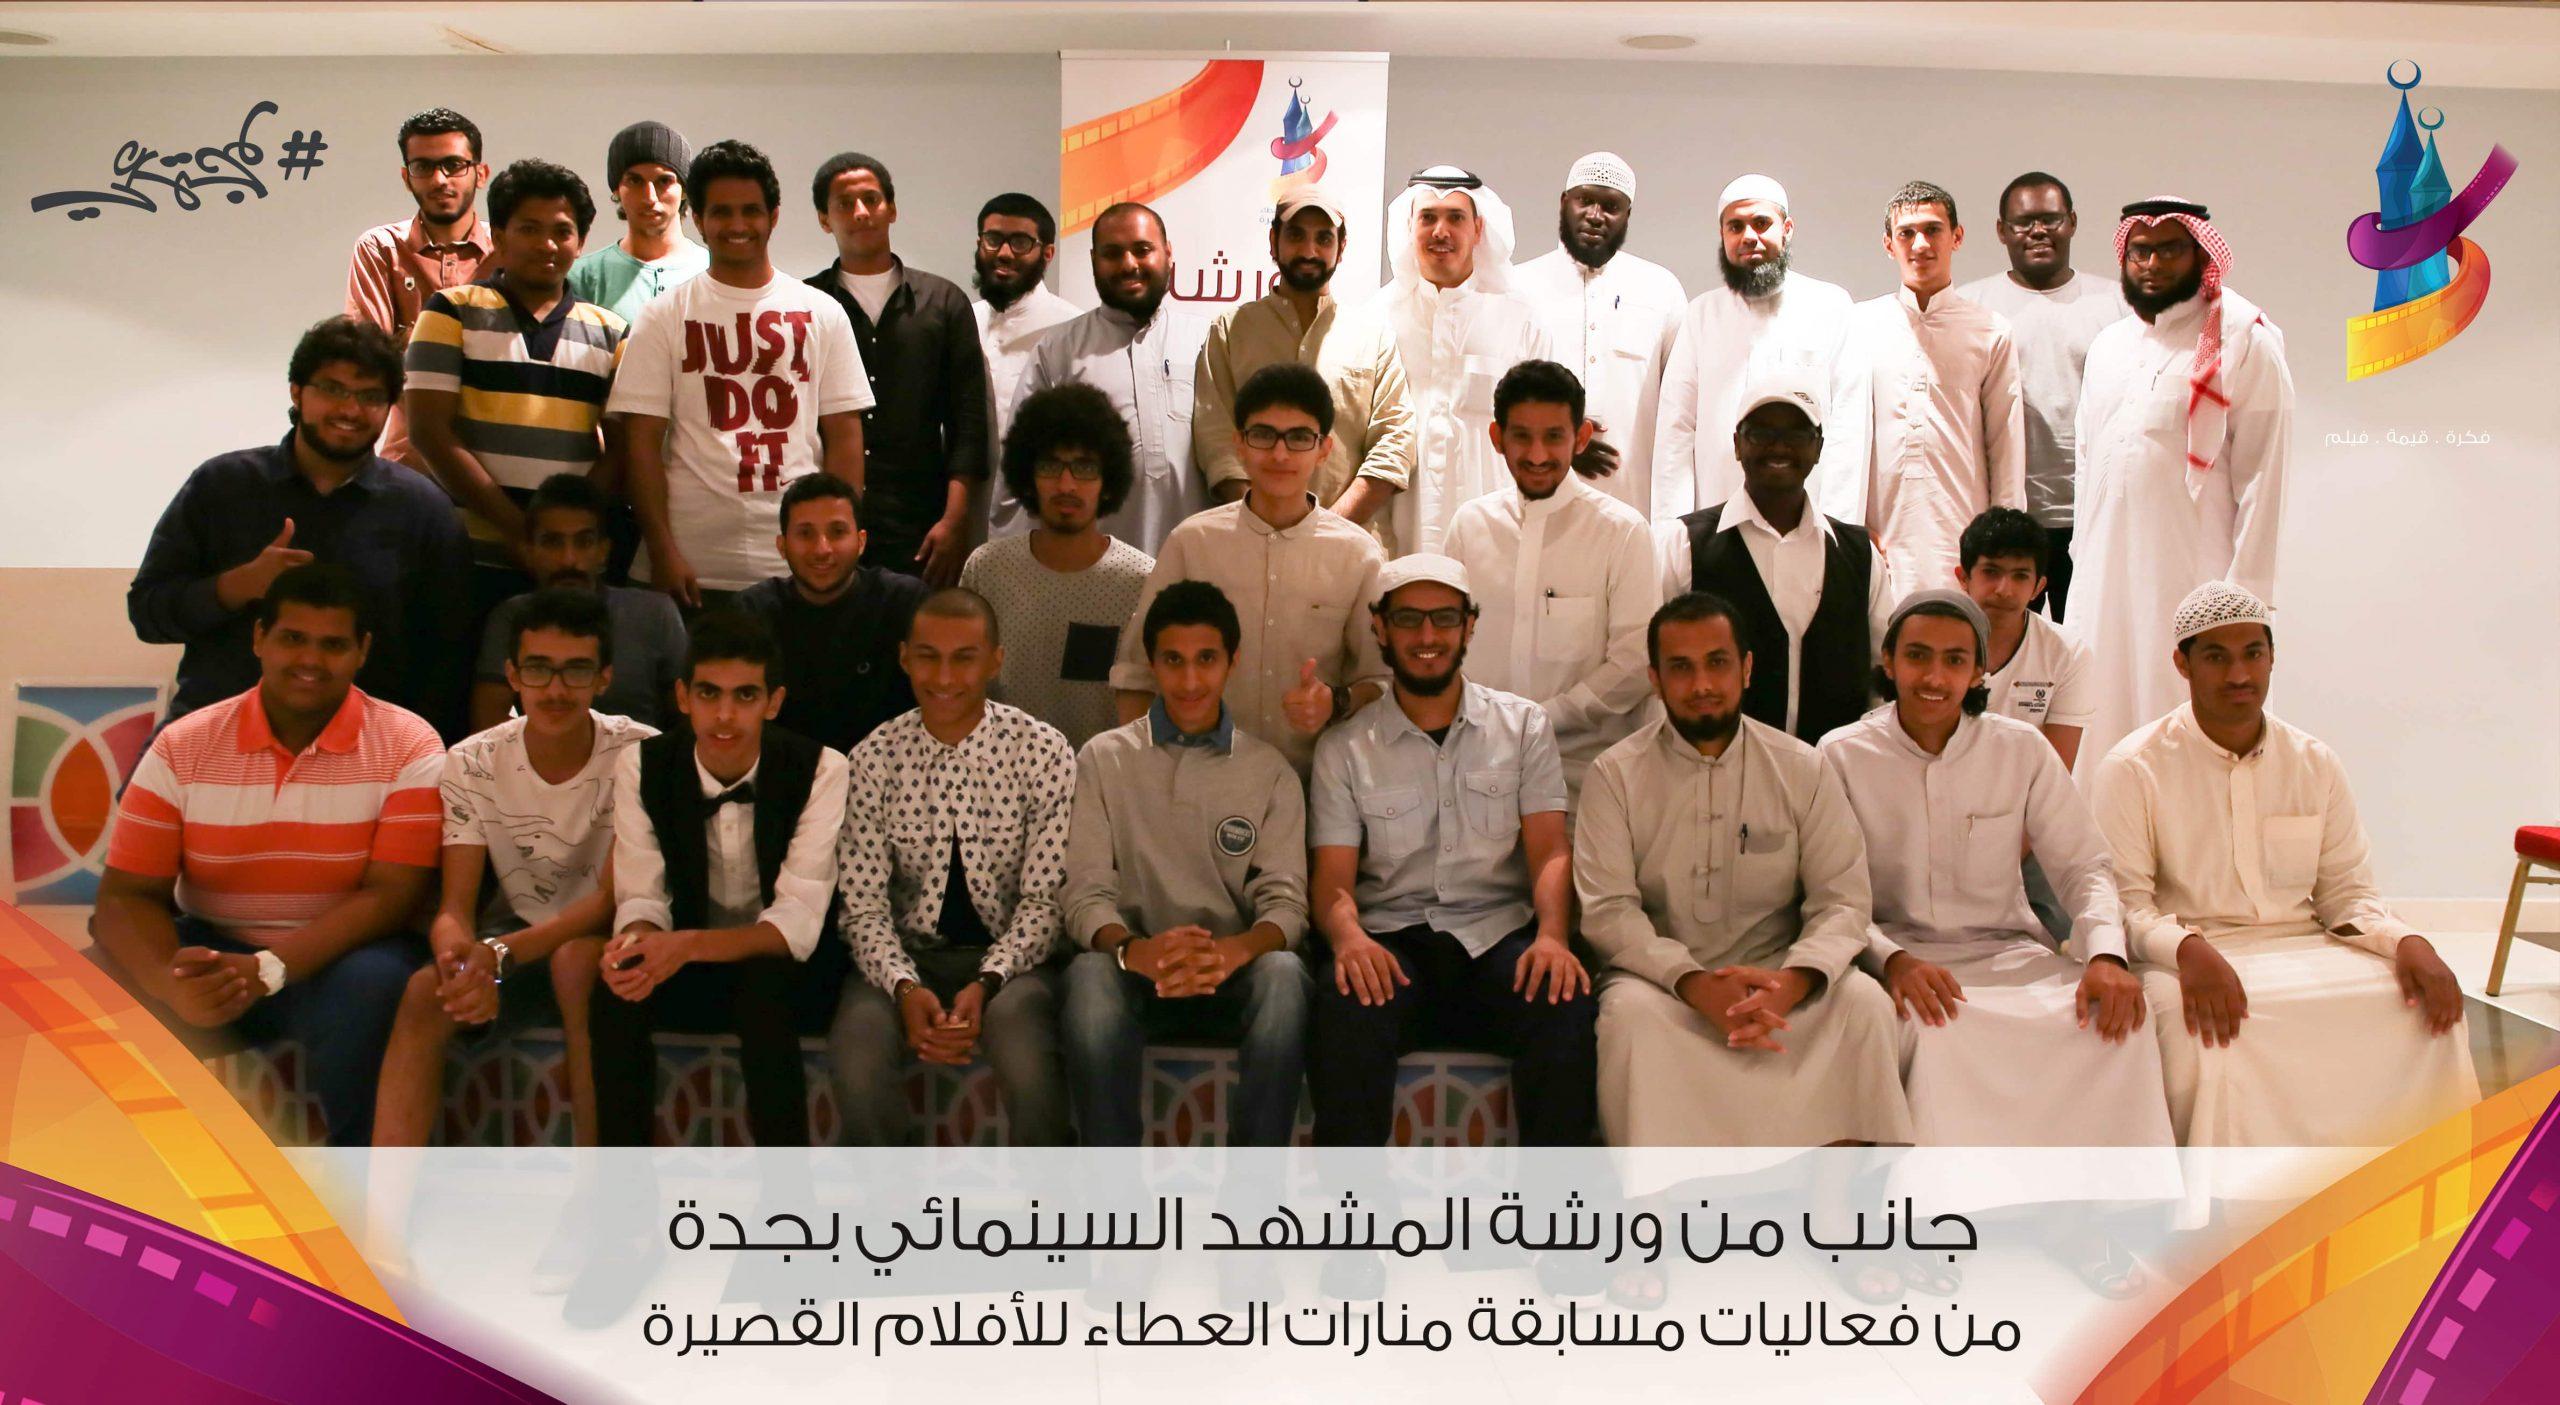 جماعية صورة ورشة جدة-pichi